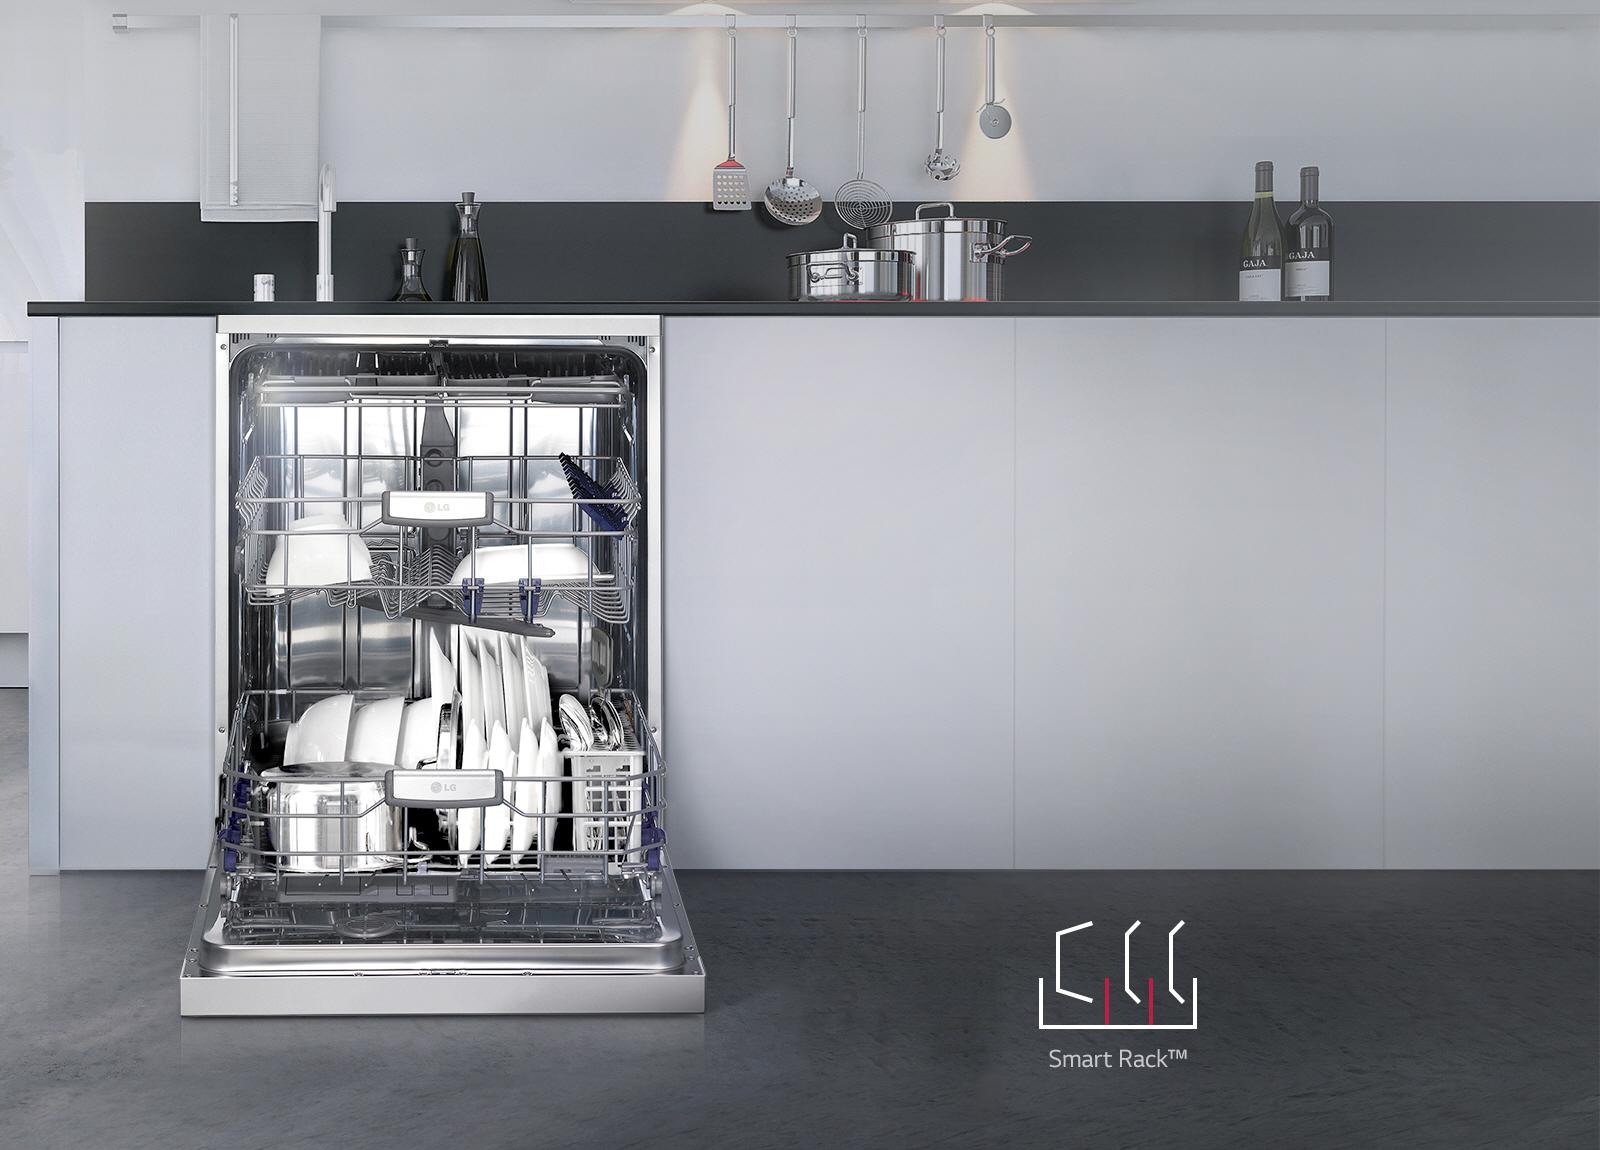 ماشین ظرفشویی ال جی مدل D1452